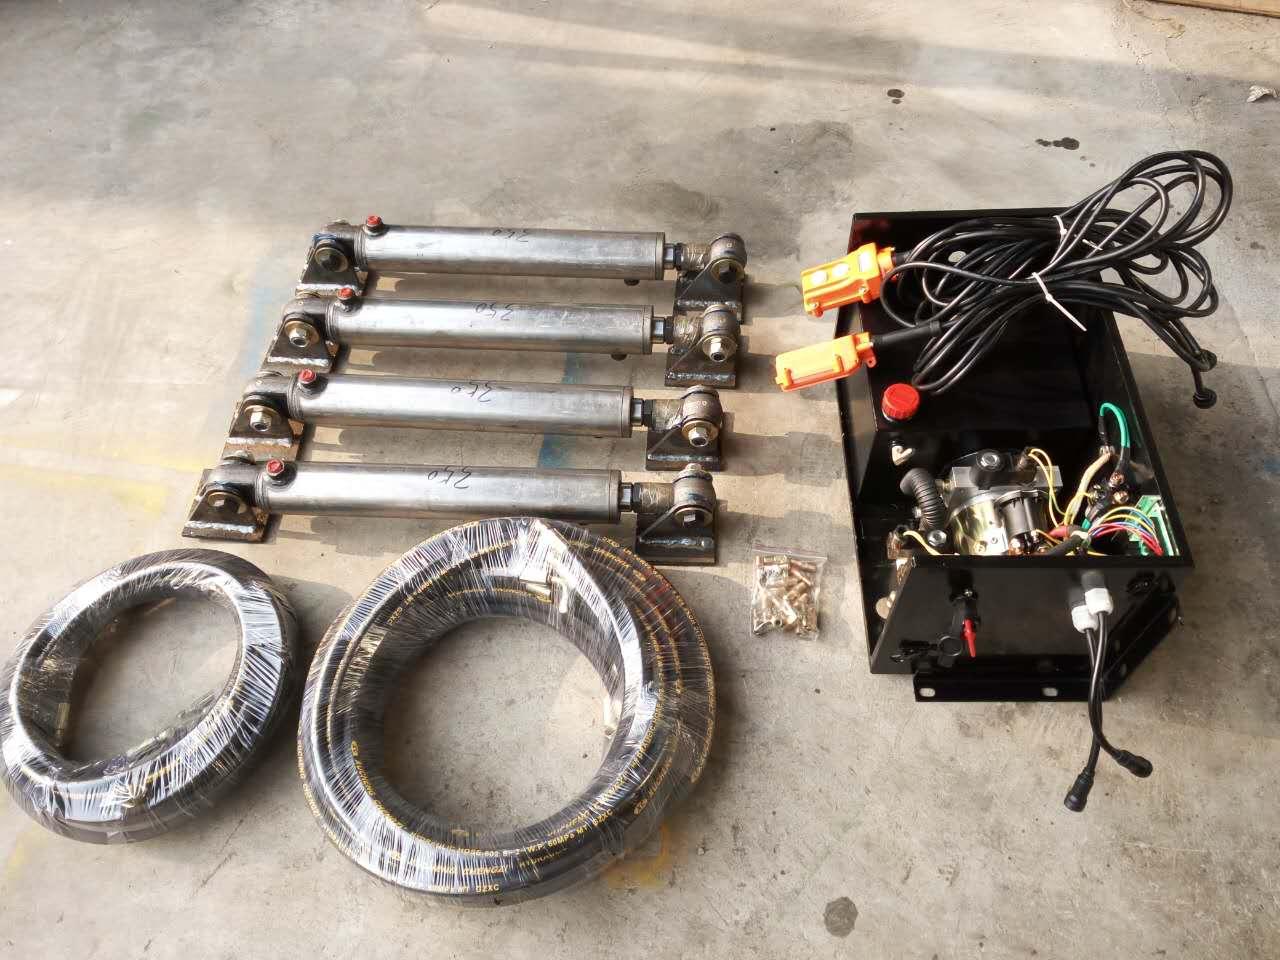 液压机 液压机厂家直销 液压机直销价格 液压机供应商